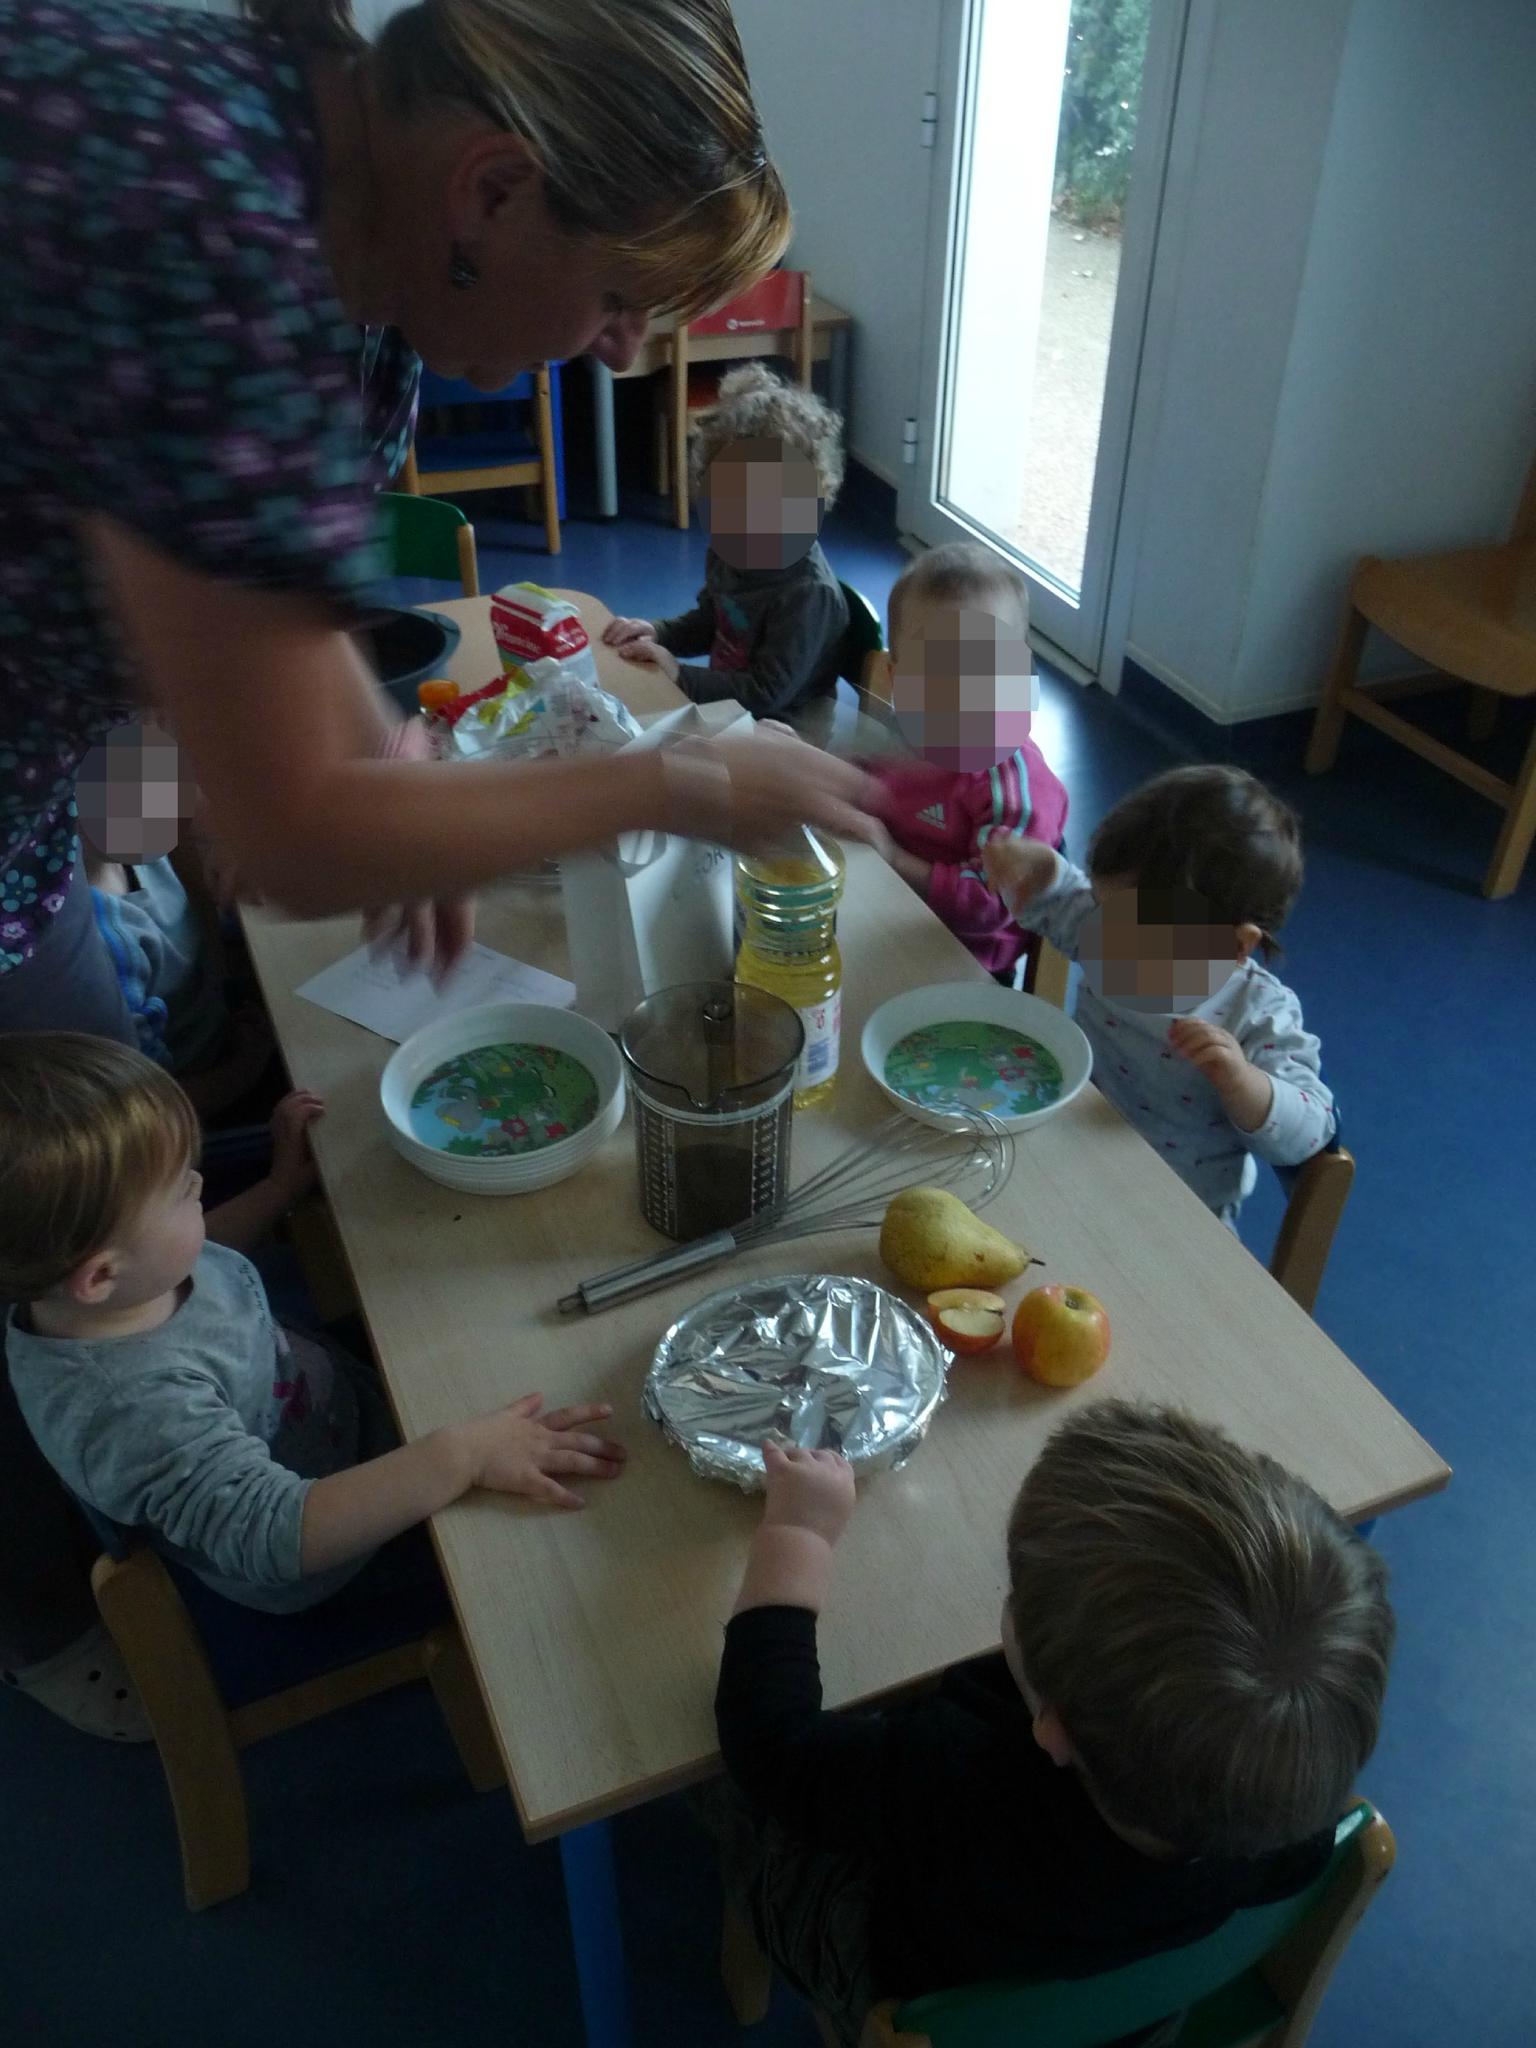 Atelier cuisine la cr che de s rignan nounou b ziers villages - Atelier cuisine en creche ...